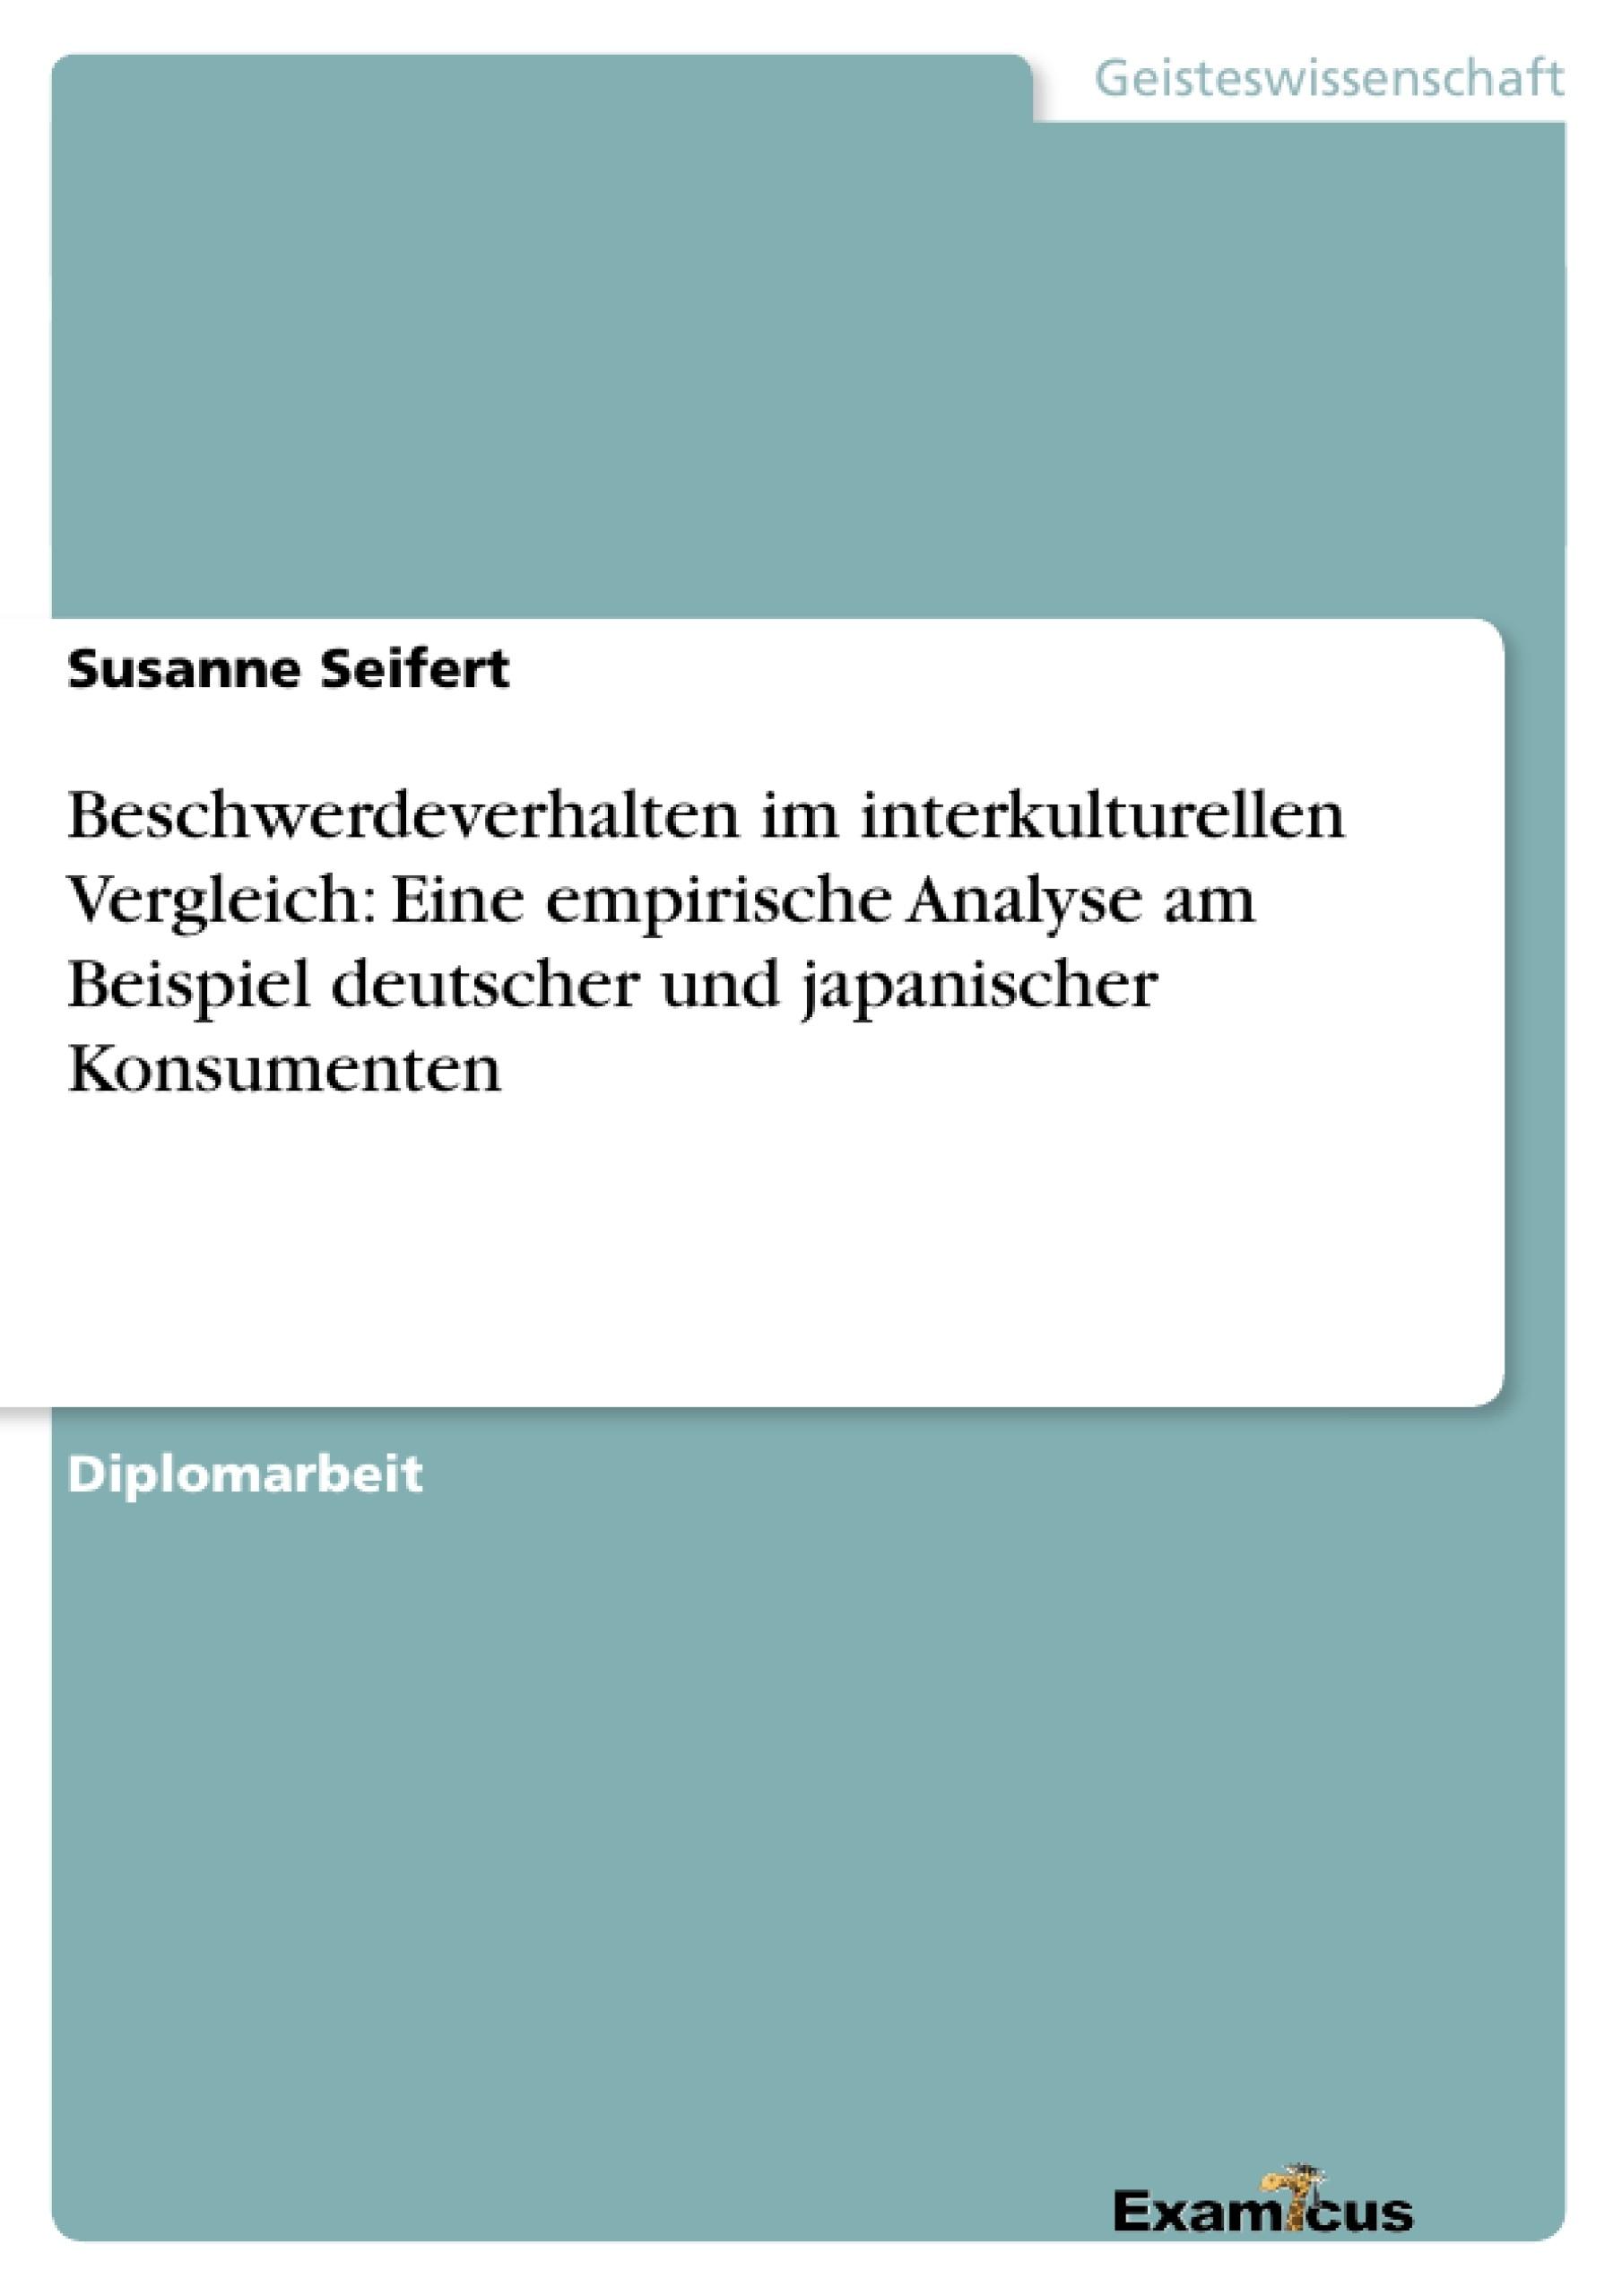 Titel: Beschwerdeverhalten im interkulturellen Vergleich:Eine empirische Analyse am Beispieldeutscher und japanischer Konsumenten